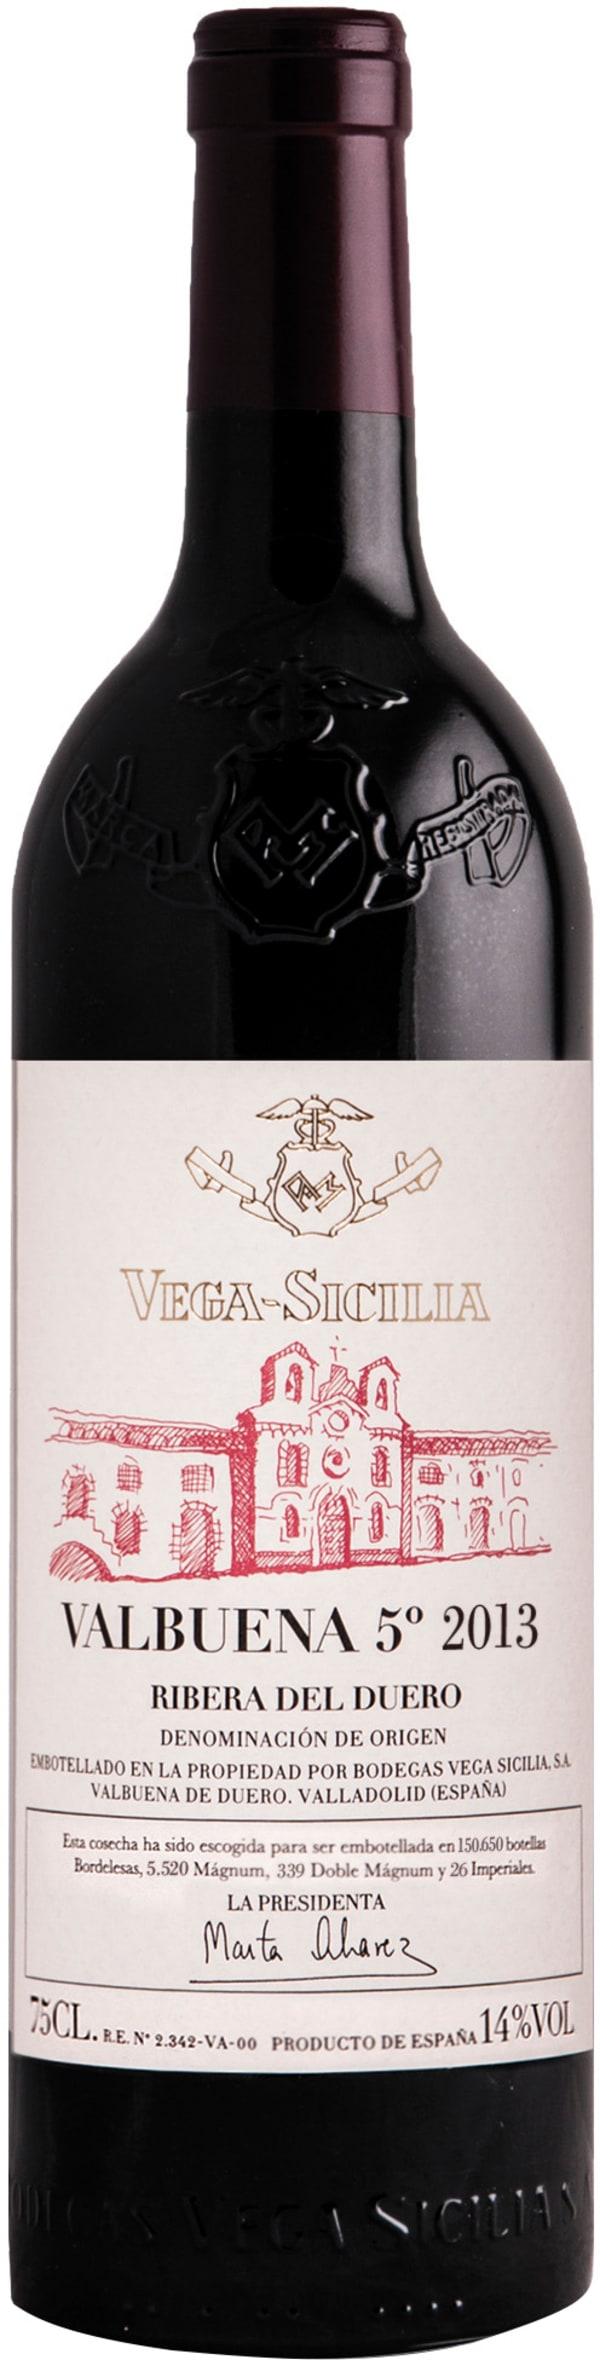 Vega-Sicilia Valbuena 5 2013